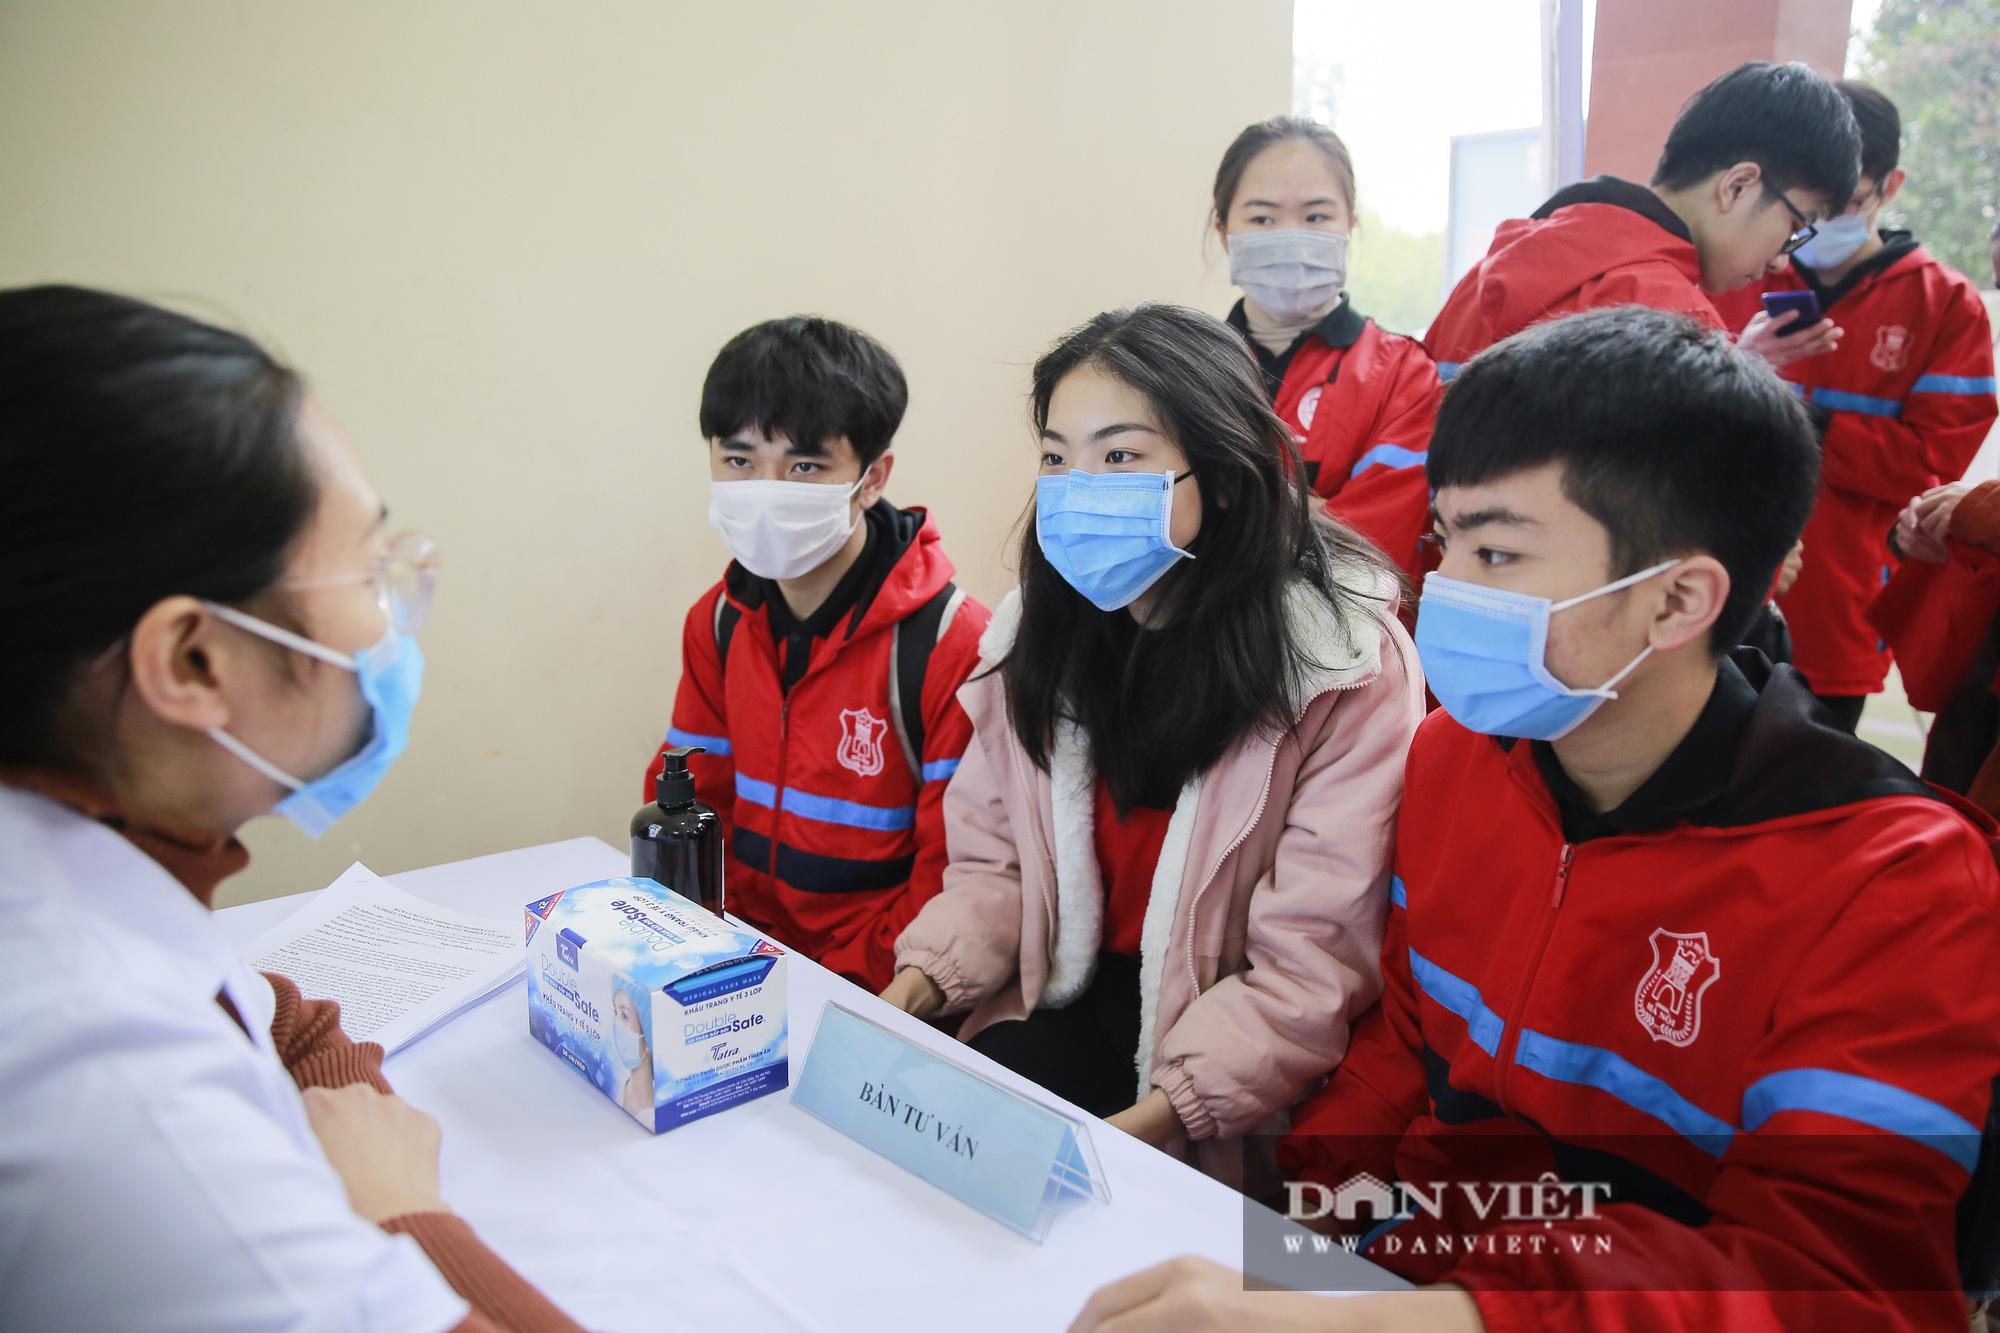 Vắc xin Covid-19 thứ 2 của Việt Nam chuẩn bị thử nghiệm lâm sàng - Ảnh 3.